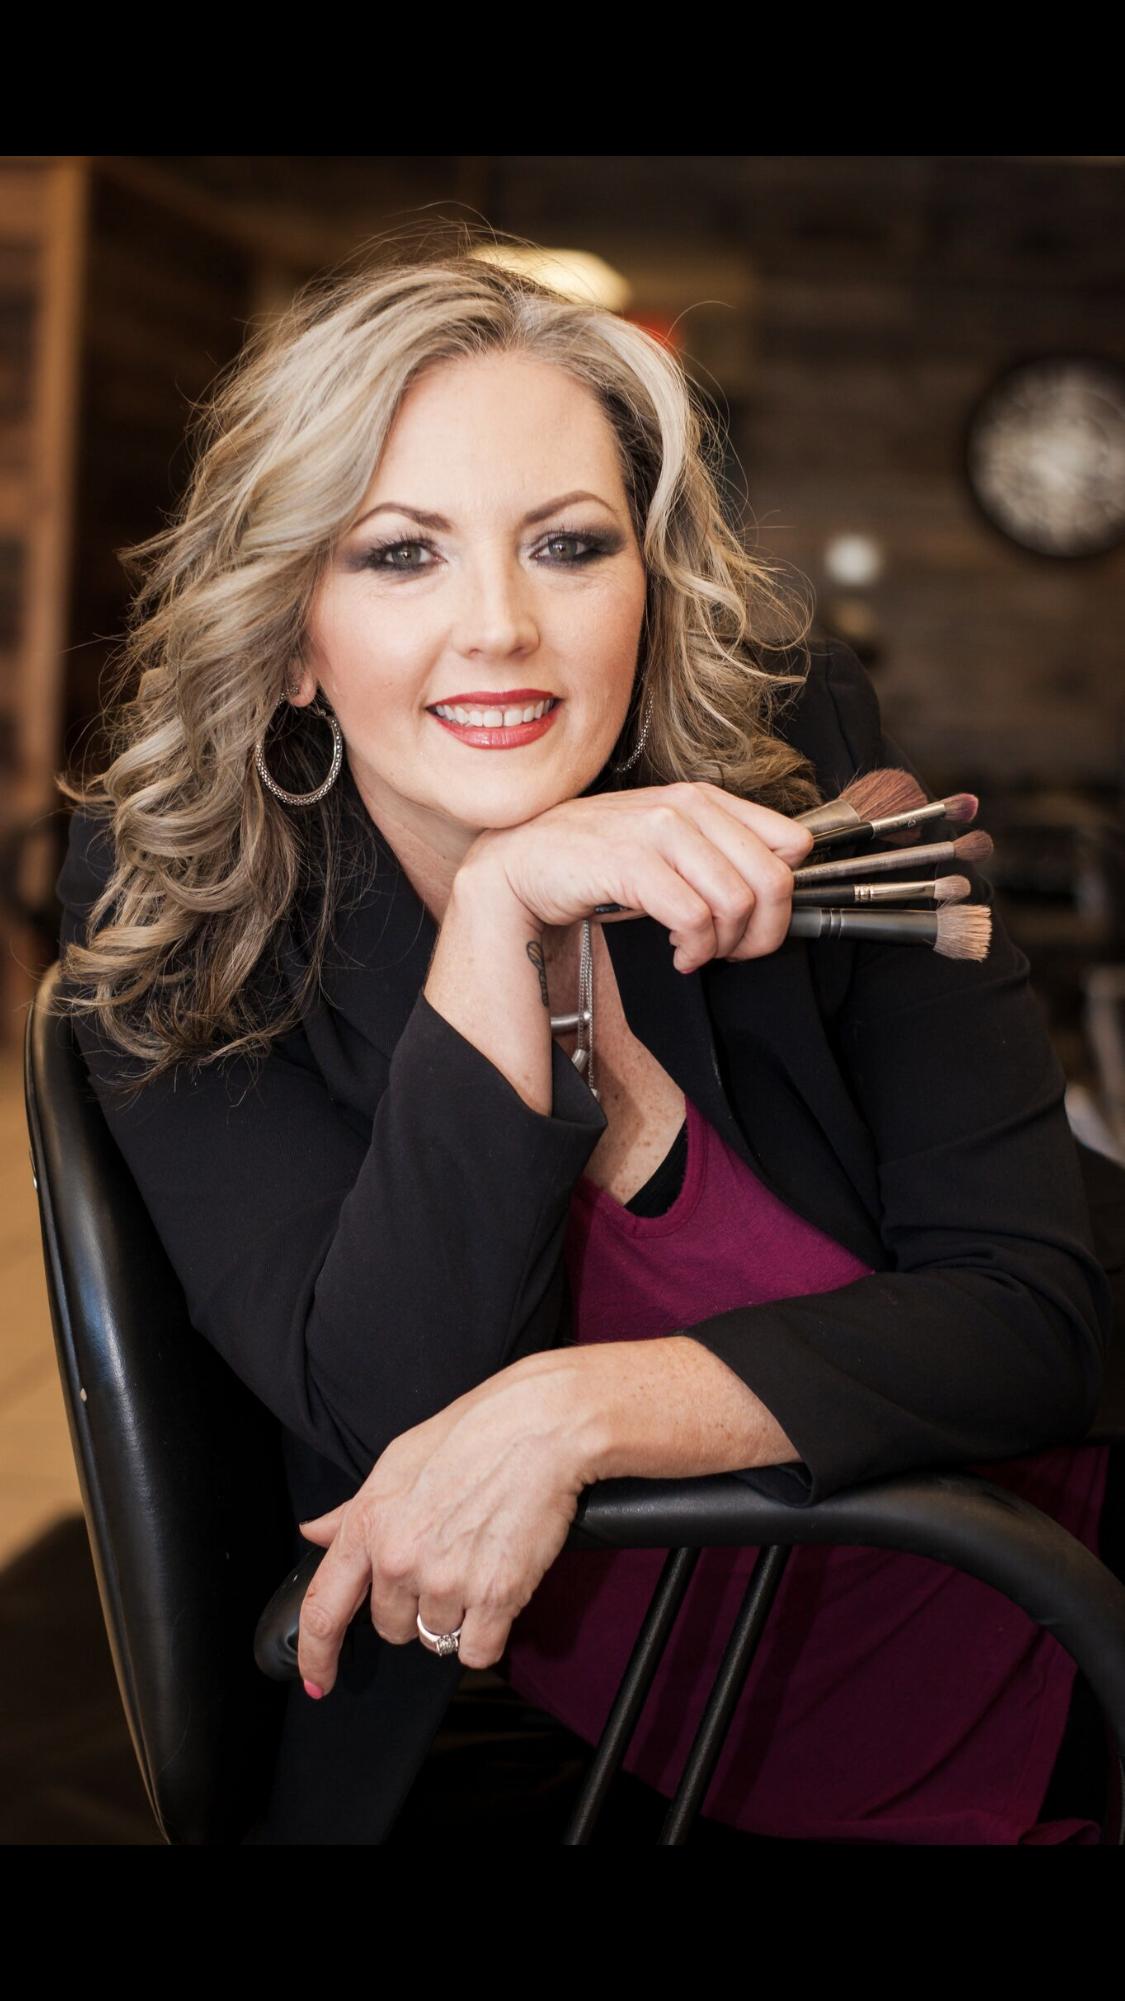 Makeup artist headshots Makeup artist branding